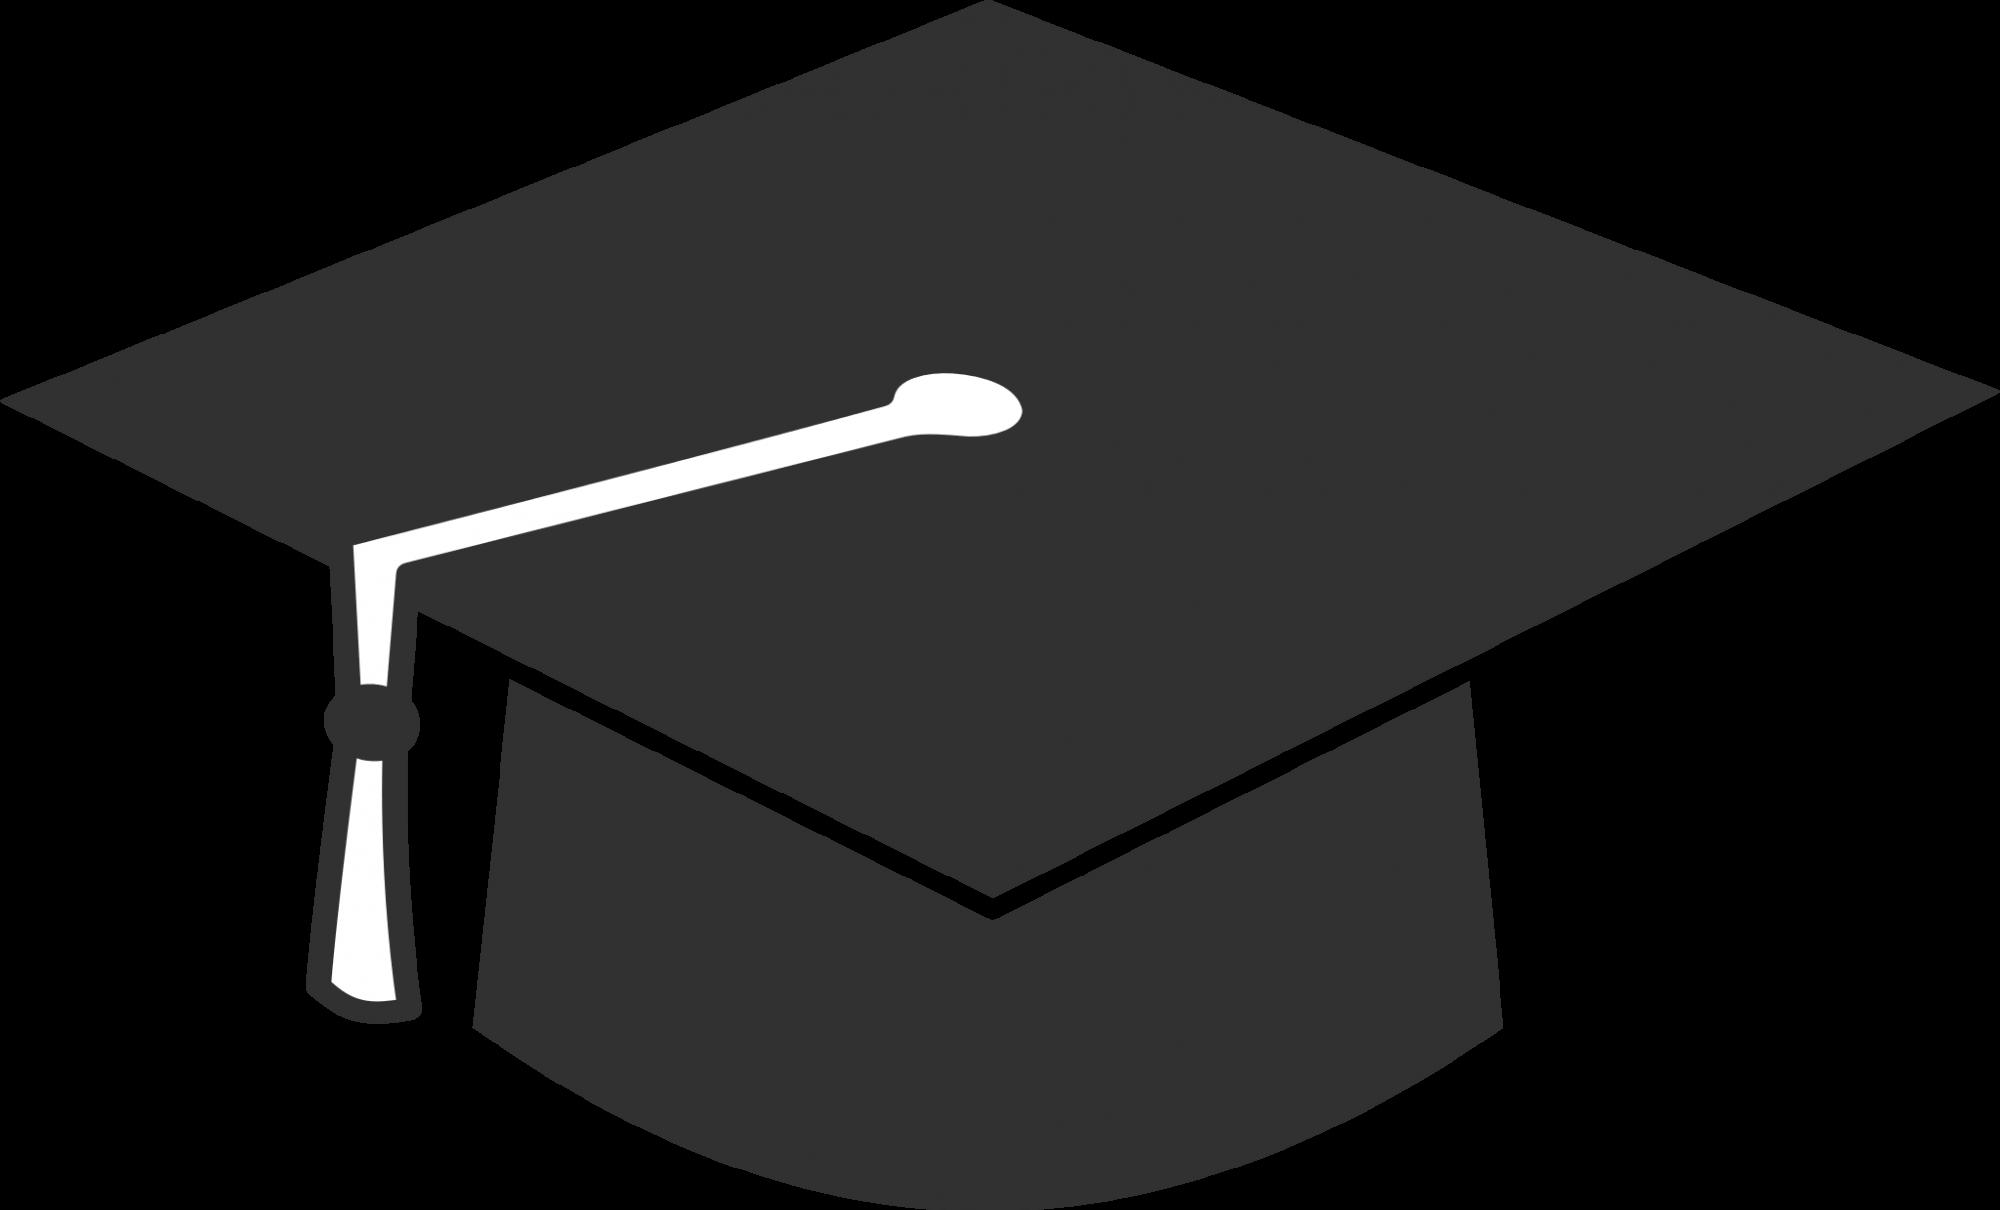 https://sbm-media.s3.amazonaws.com/images/graduation-cap.png